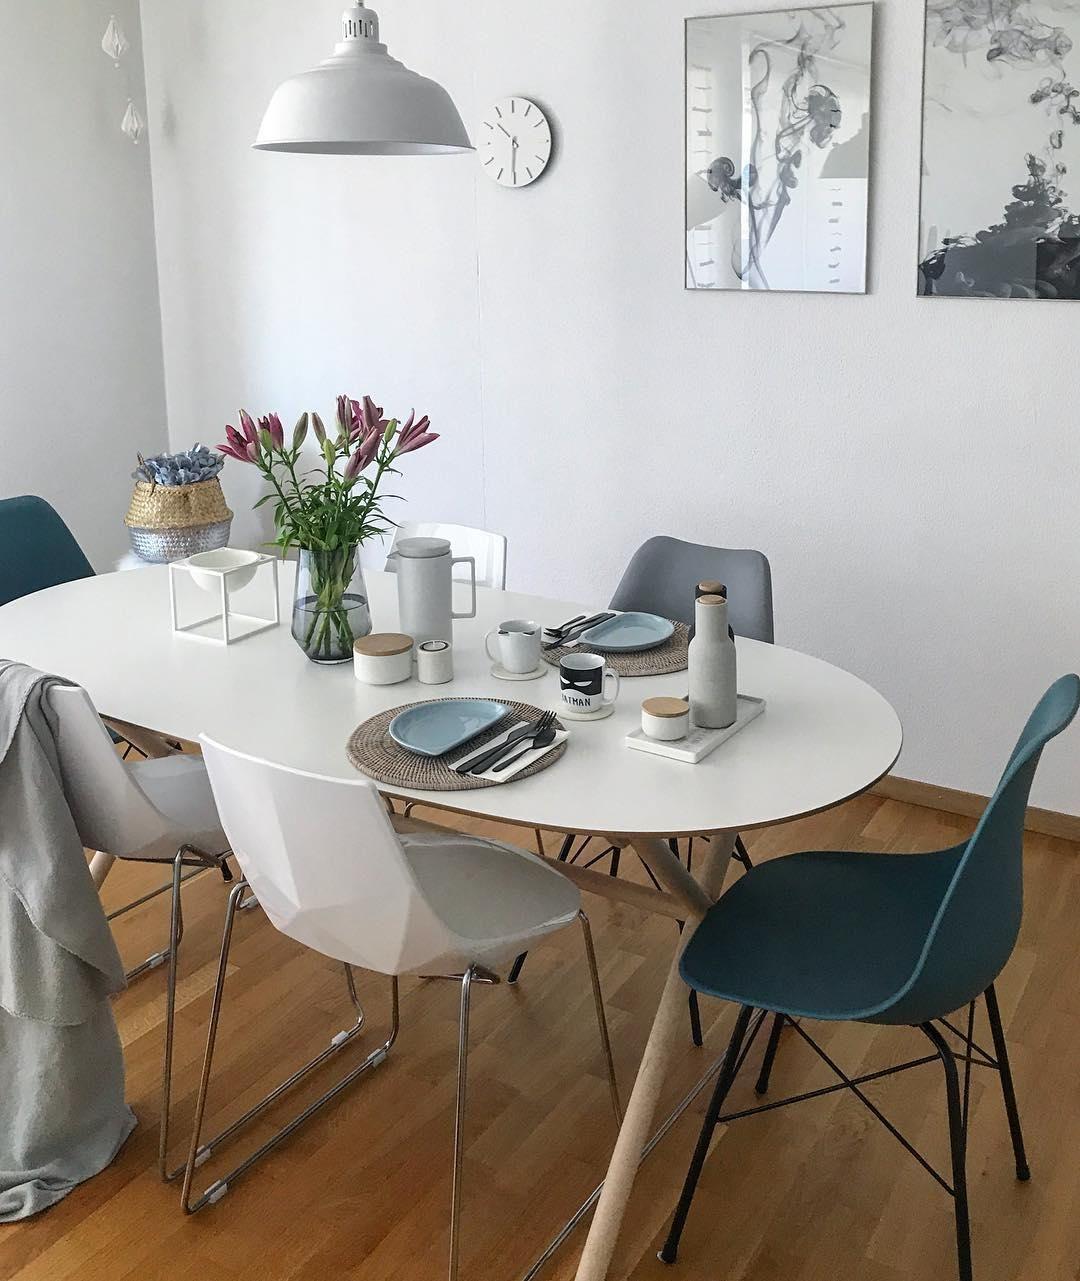 ... Ein Wunderschön Gedeckter Tisch Mit Frischen Blumen Und Eine Kleine  Gallery Wall. So Sieht Für Uns Das Perfekte Esszimmer Aus. Take A Seat An  Enjoy!